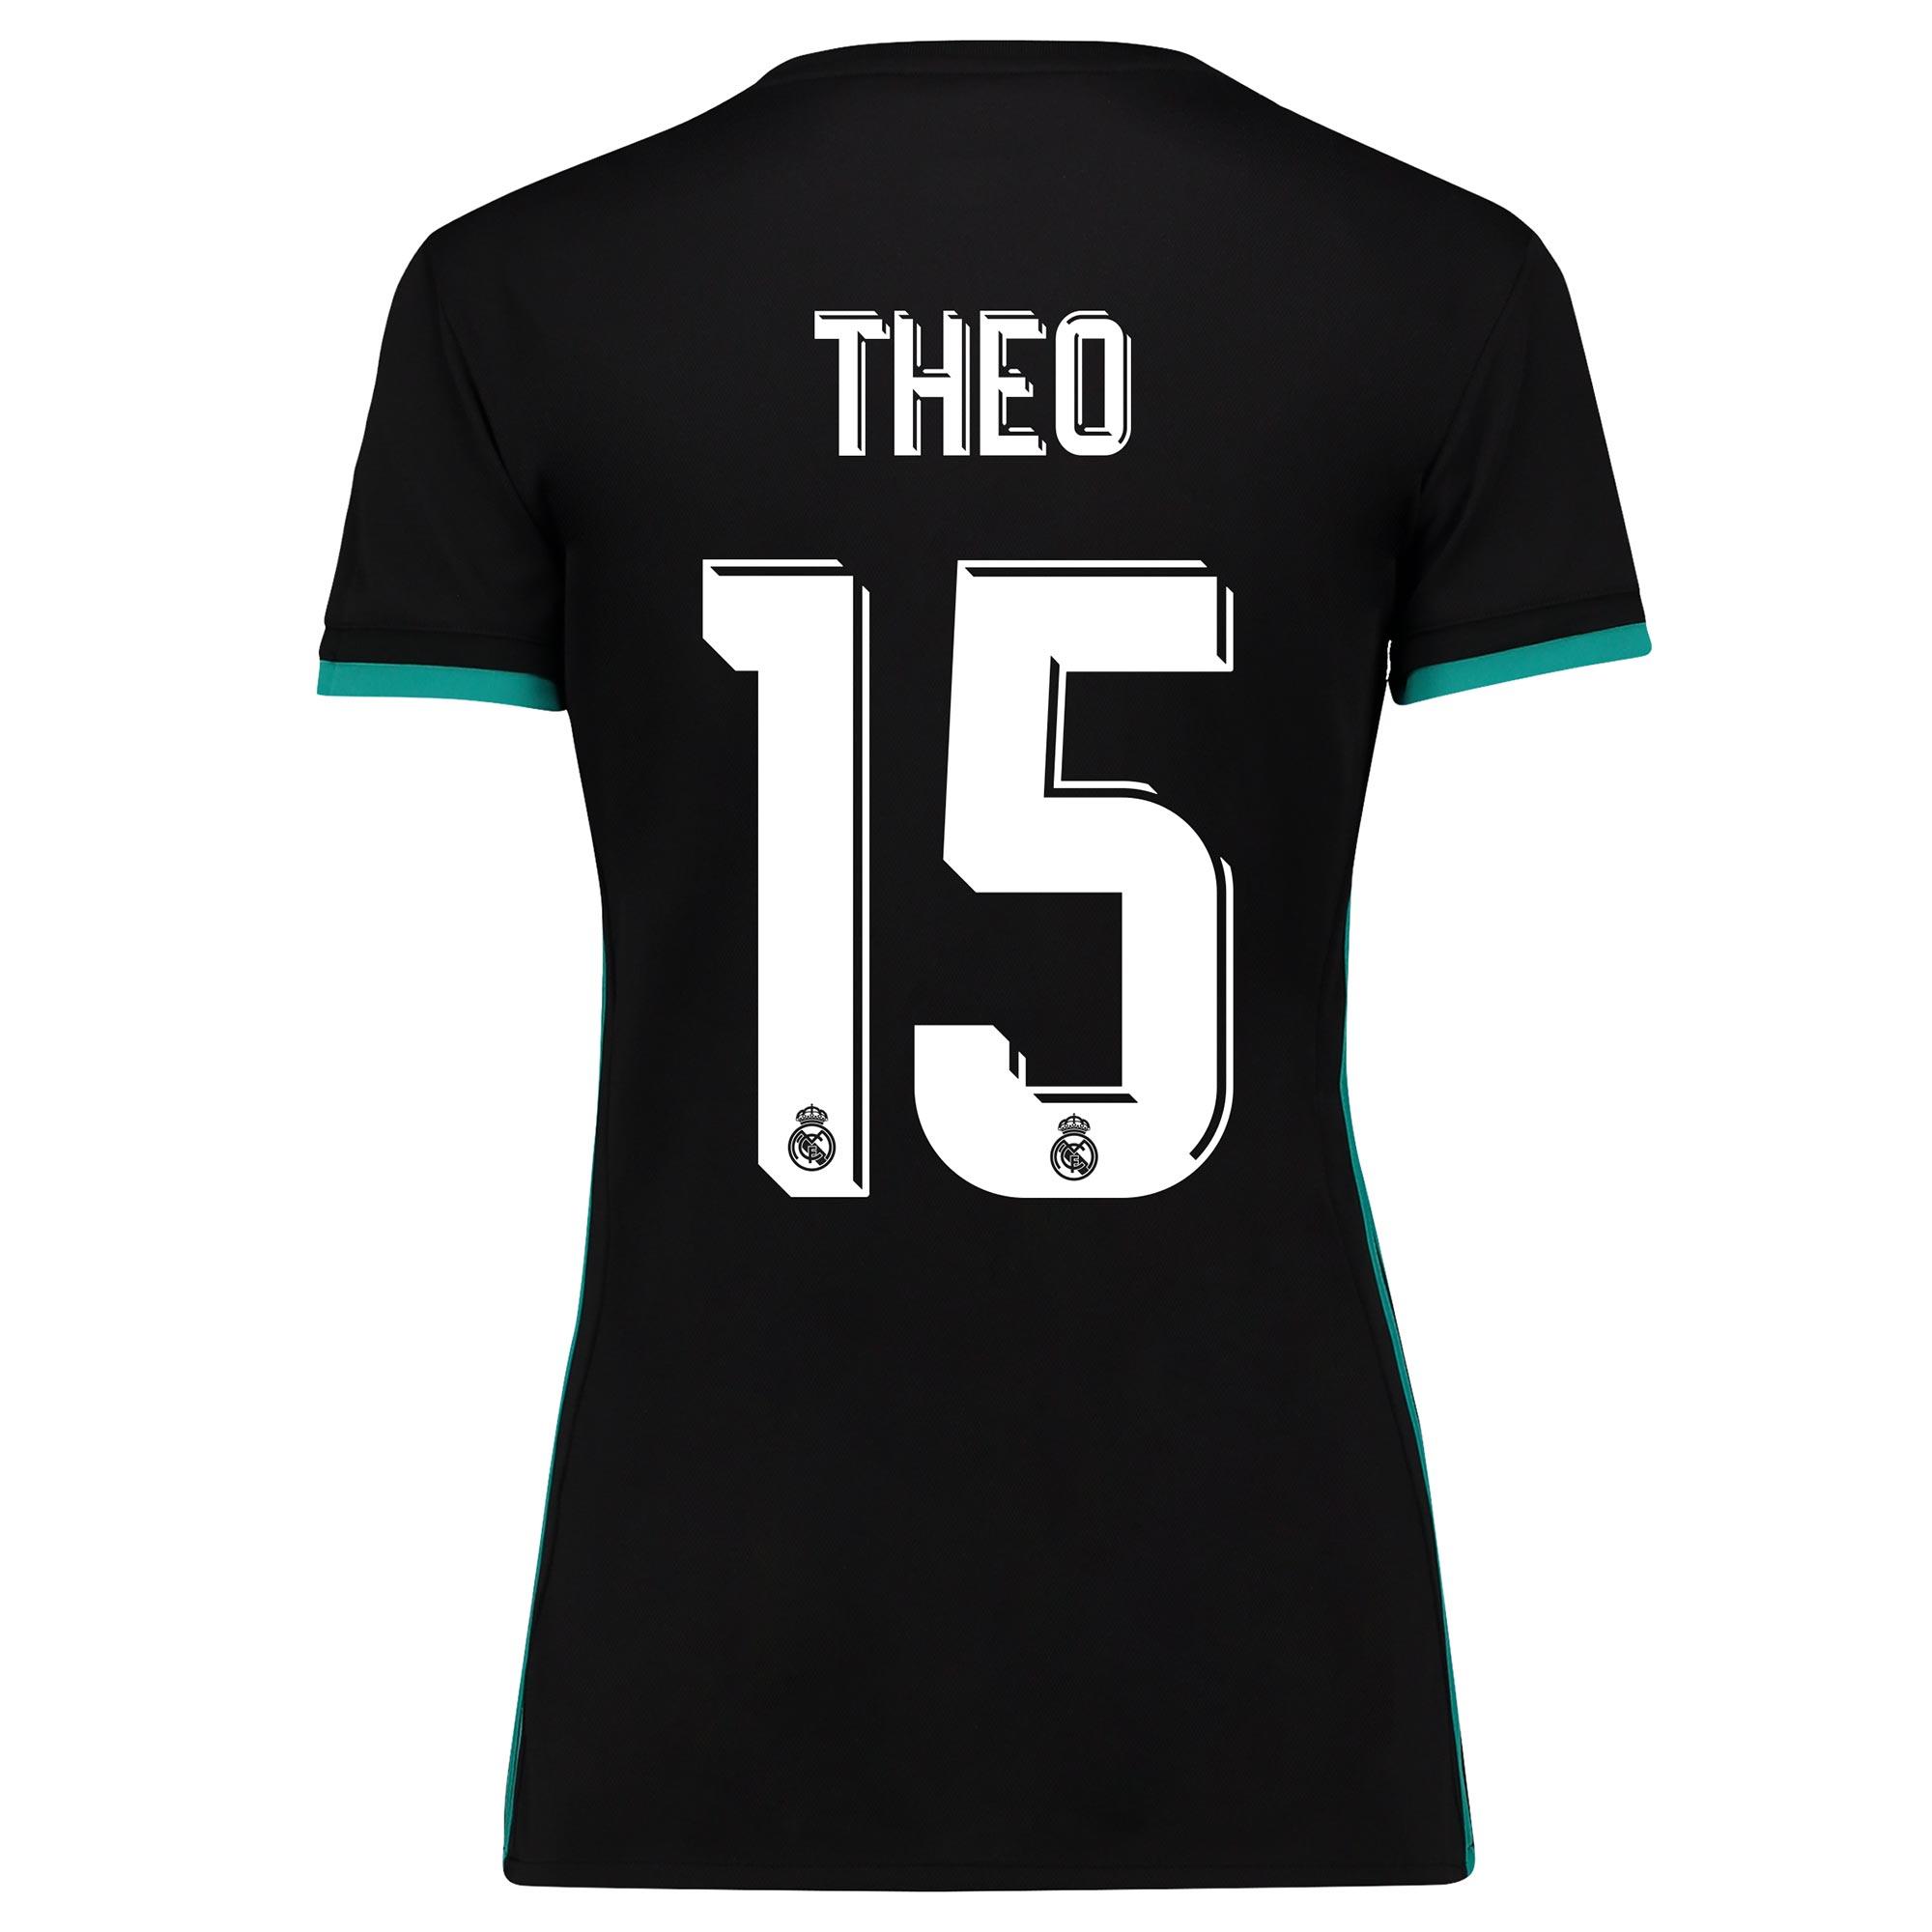 Camiseta de la 2ª equipación Real Madrid 2017/18 - Mujer con estampado Theo 15